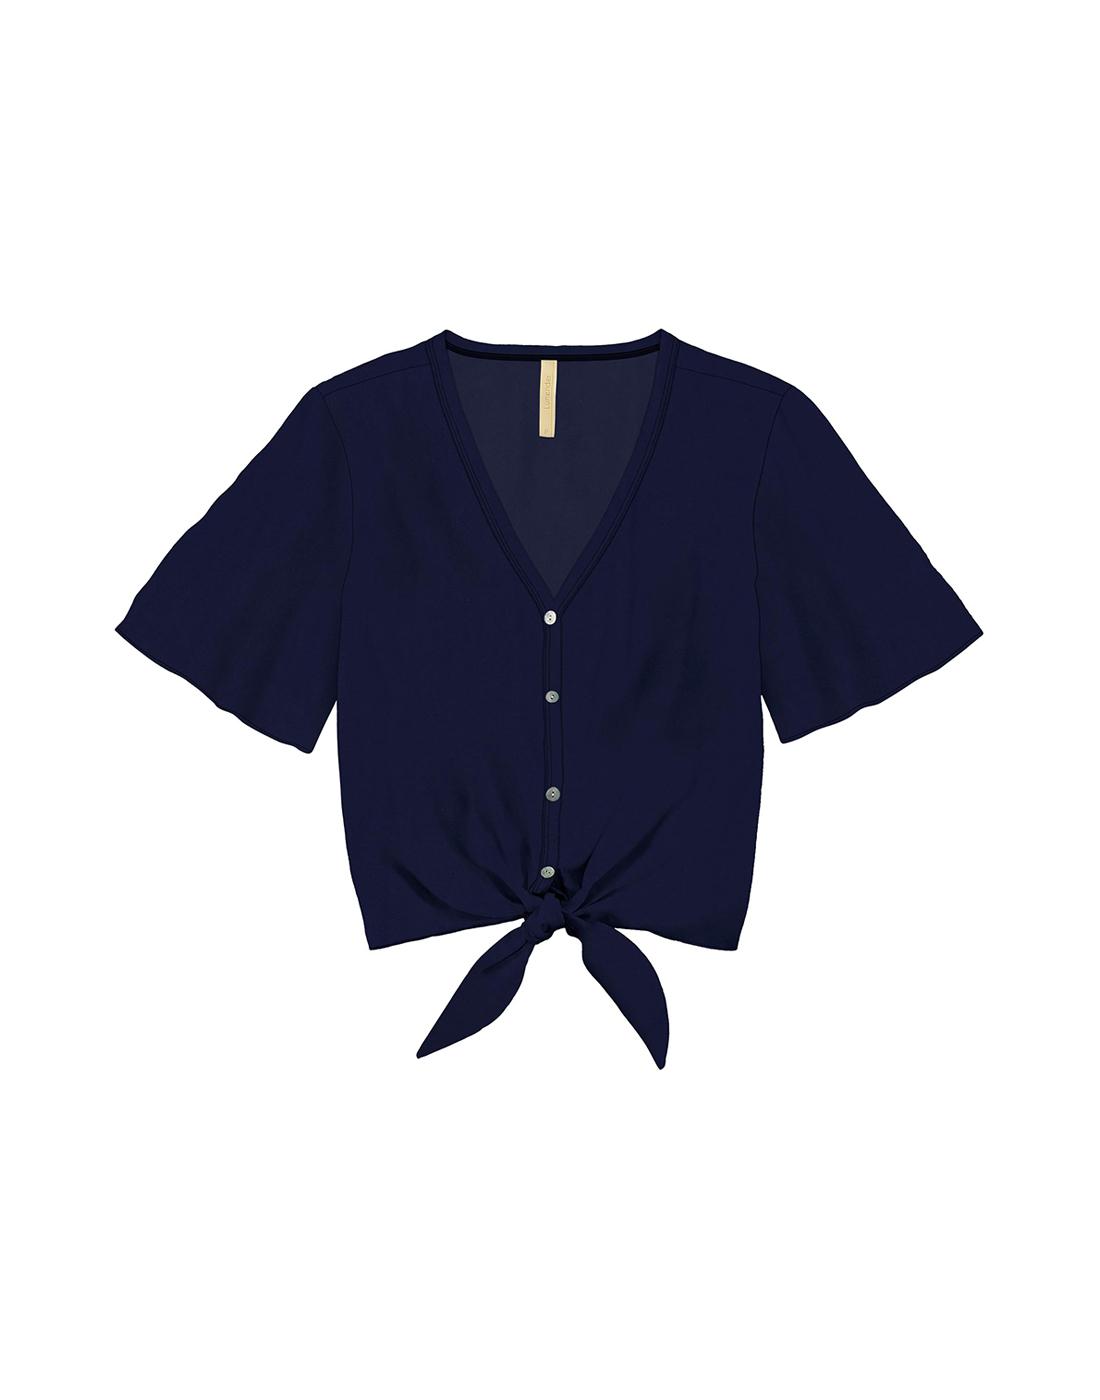 Camisa em Tecido Rayon Marinho Action Lunender